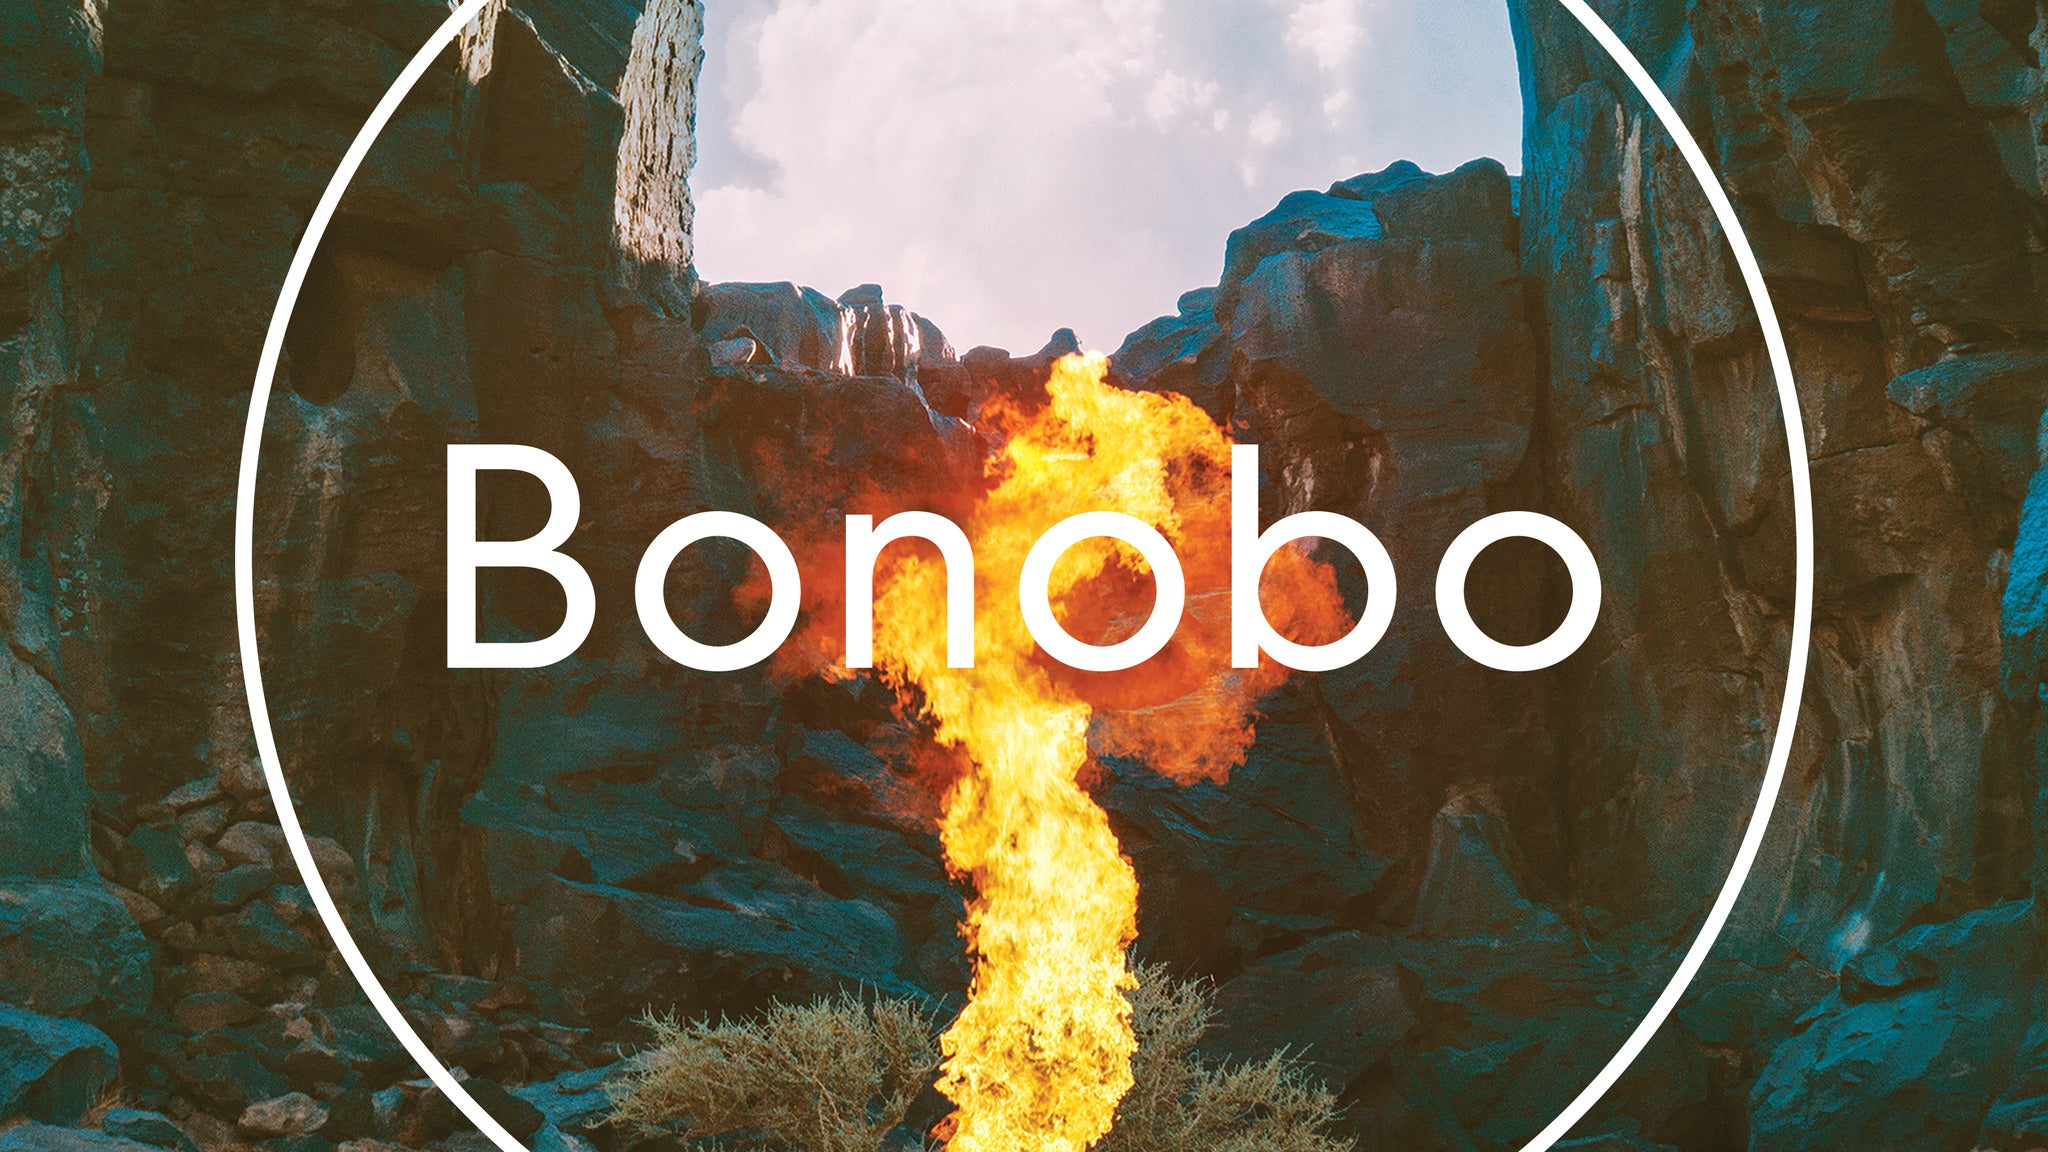 Bonobo at Fox Theater - Oakland